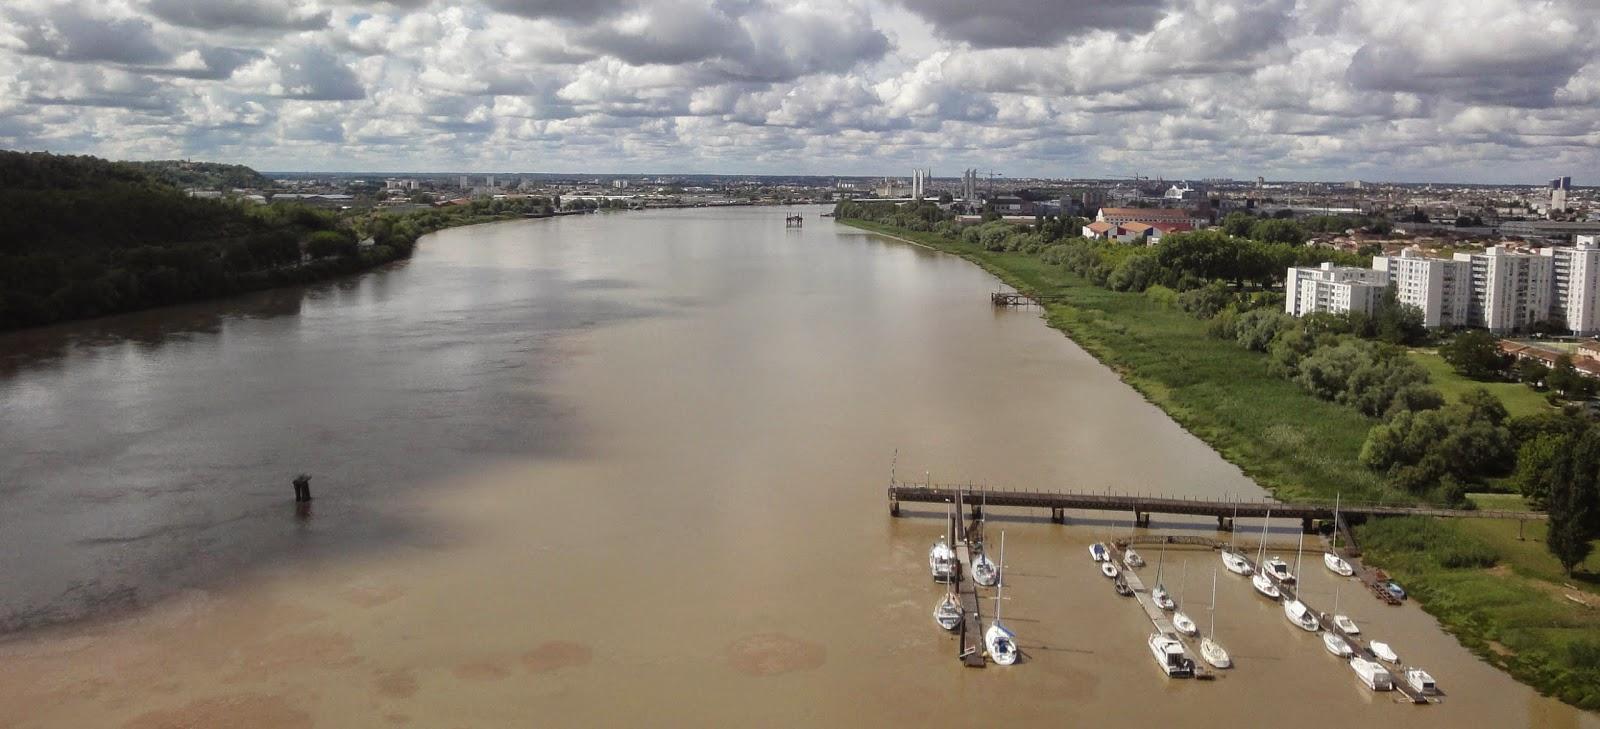 Ronde ali nor d 39 aquitaine juin 2014 - Le pont levant de bordeaux ...